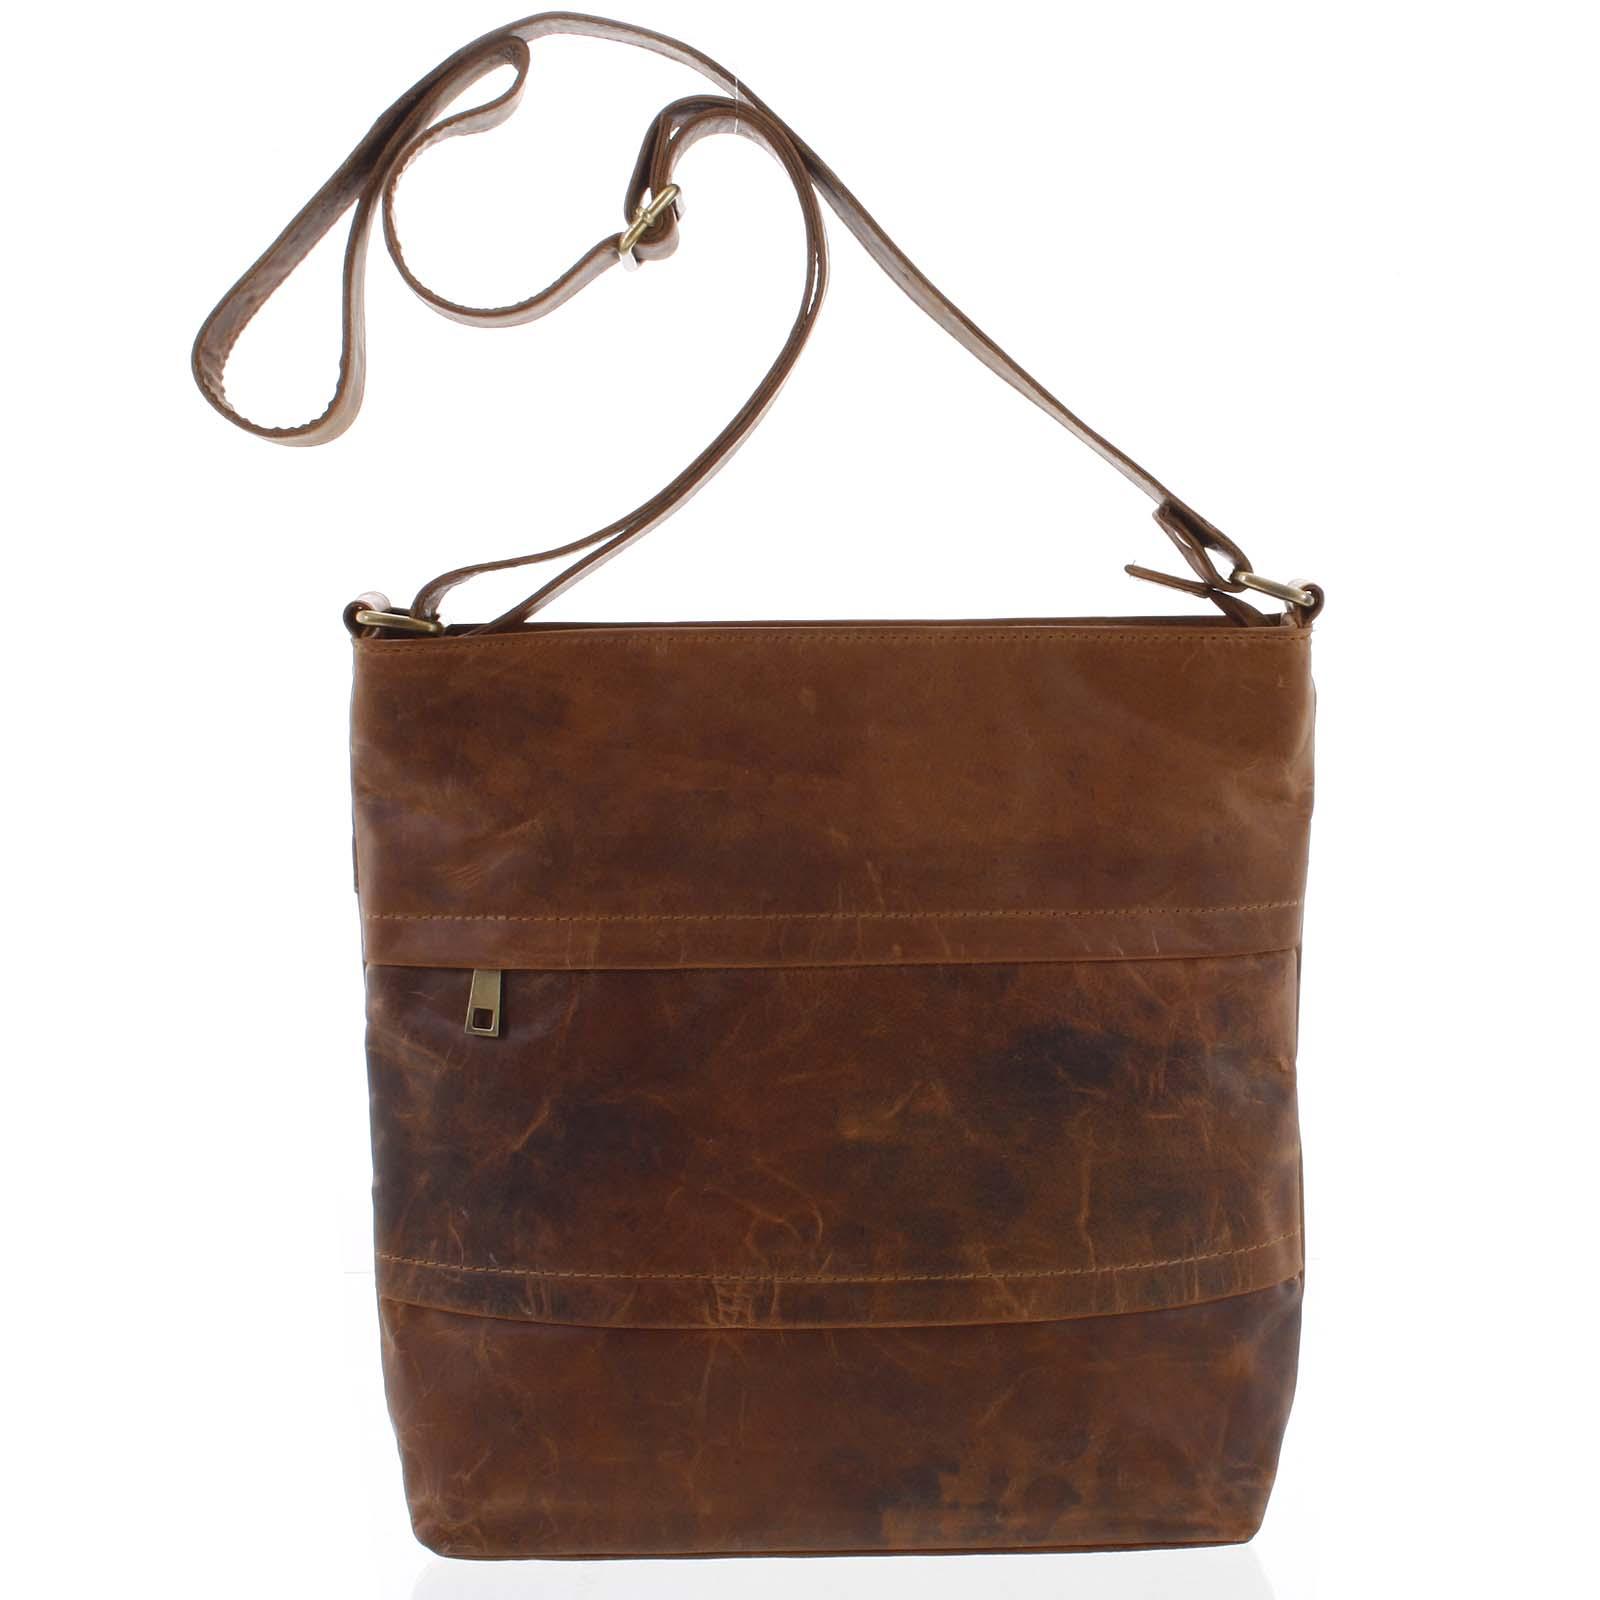 Velká přírodní hnědá kožená crossbody taška - Tomas Maand